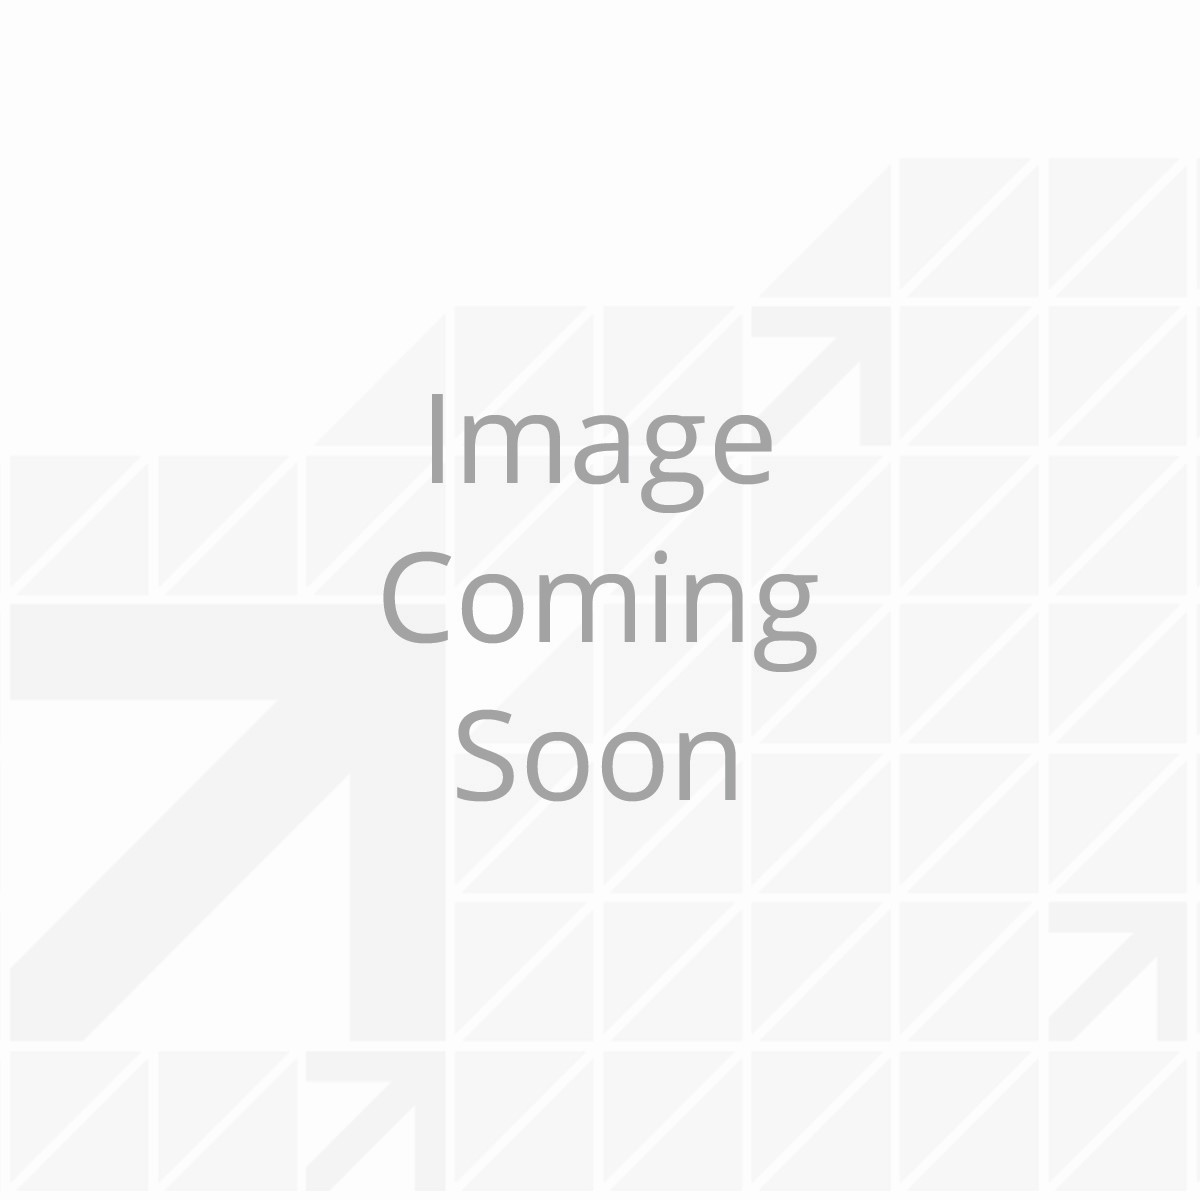 1010 Low VOC Non-Sag Sealant, Almond (10.3 Oz. Tube)